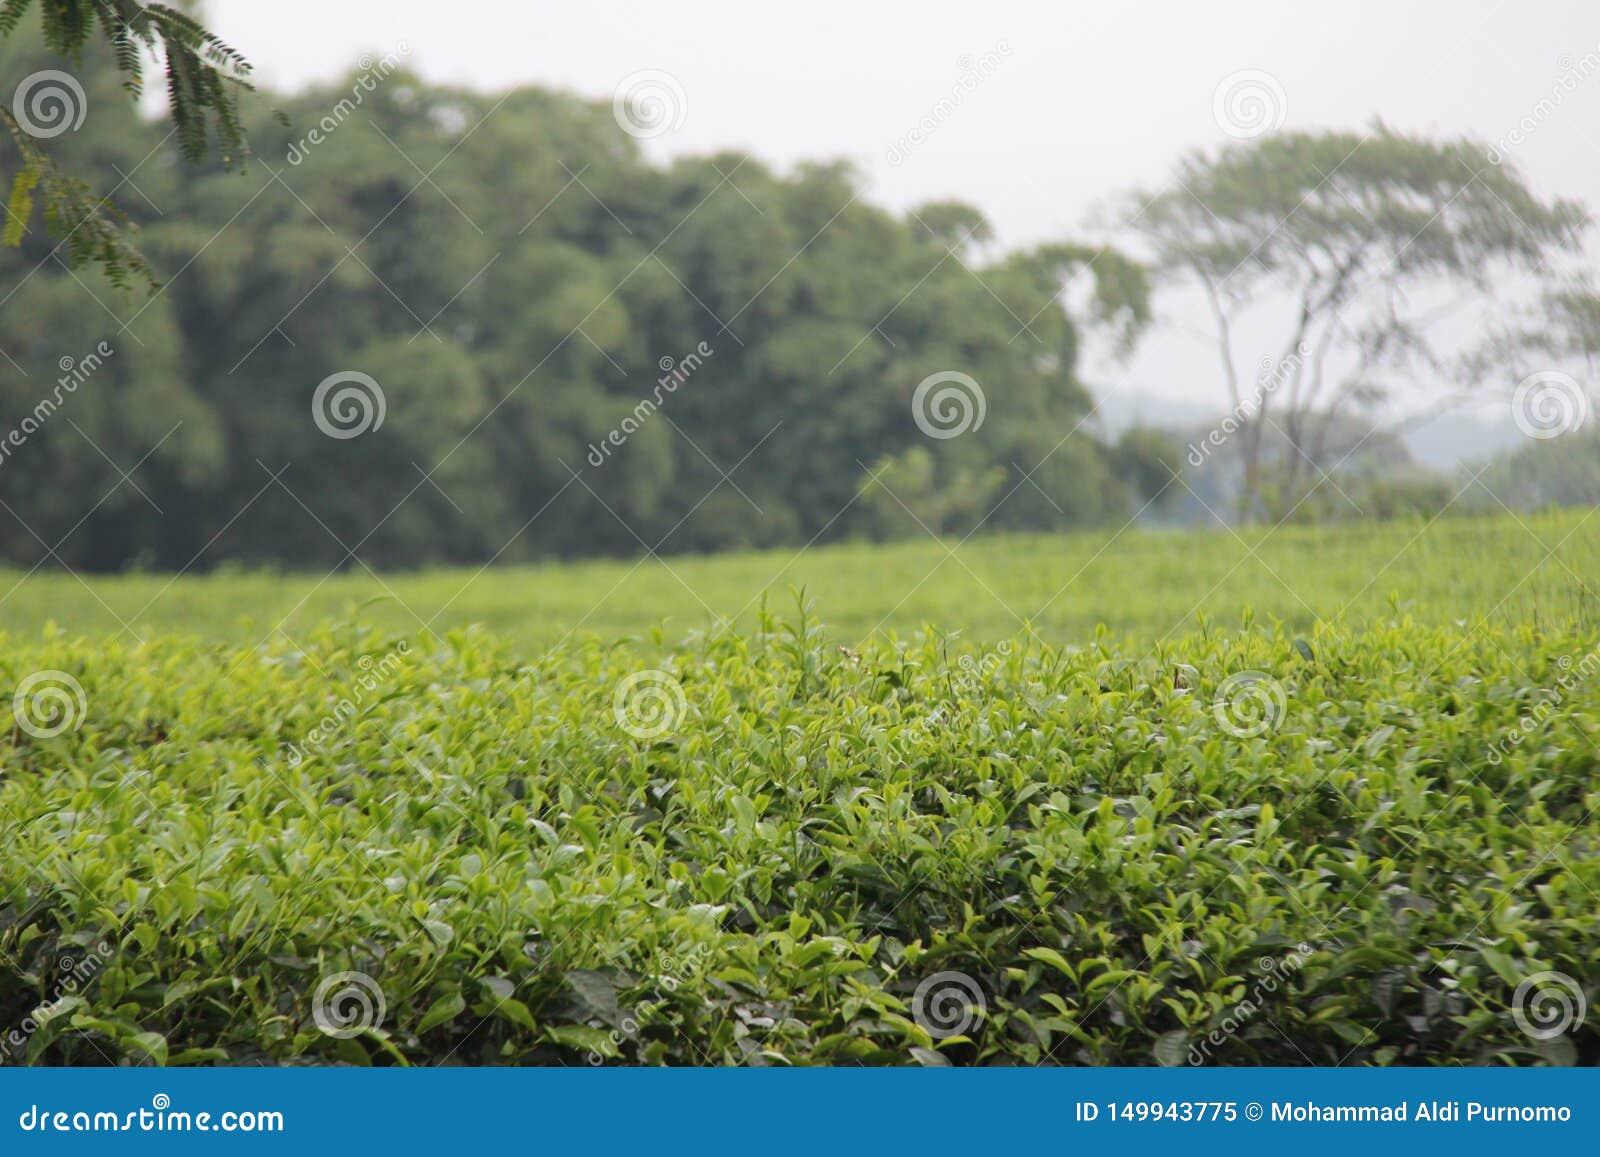 Свежий зеленый чай выходит на холм kuneer, Malang - Индонезию